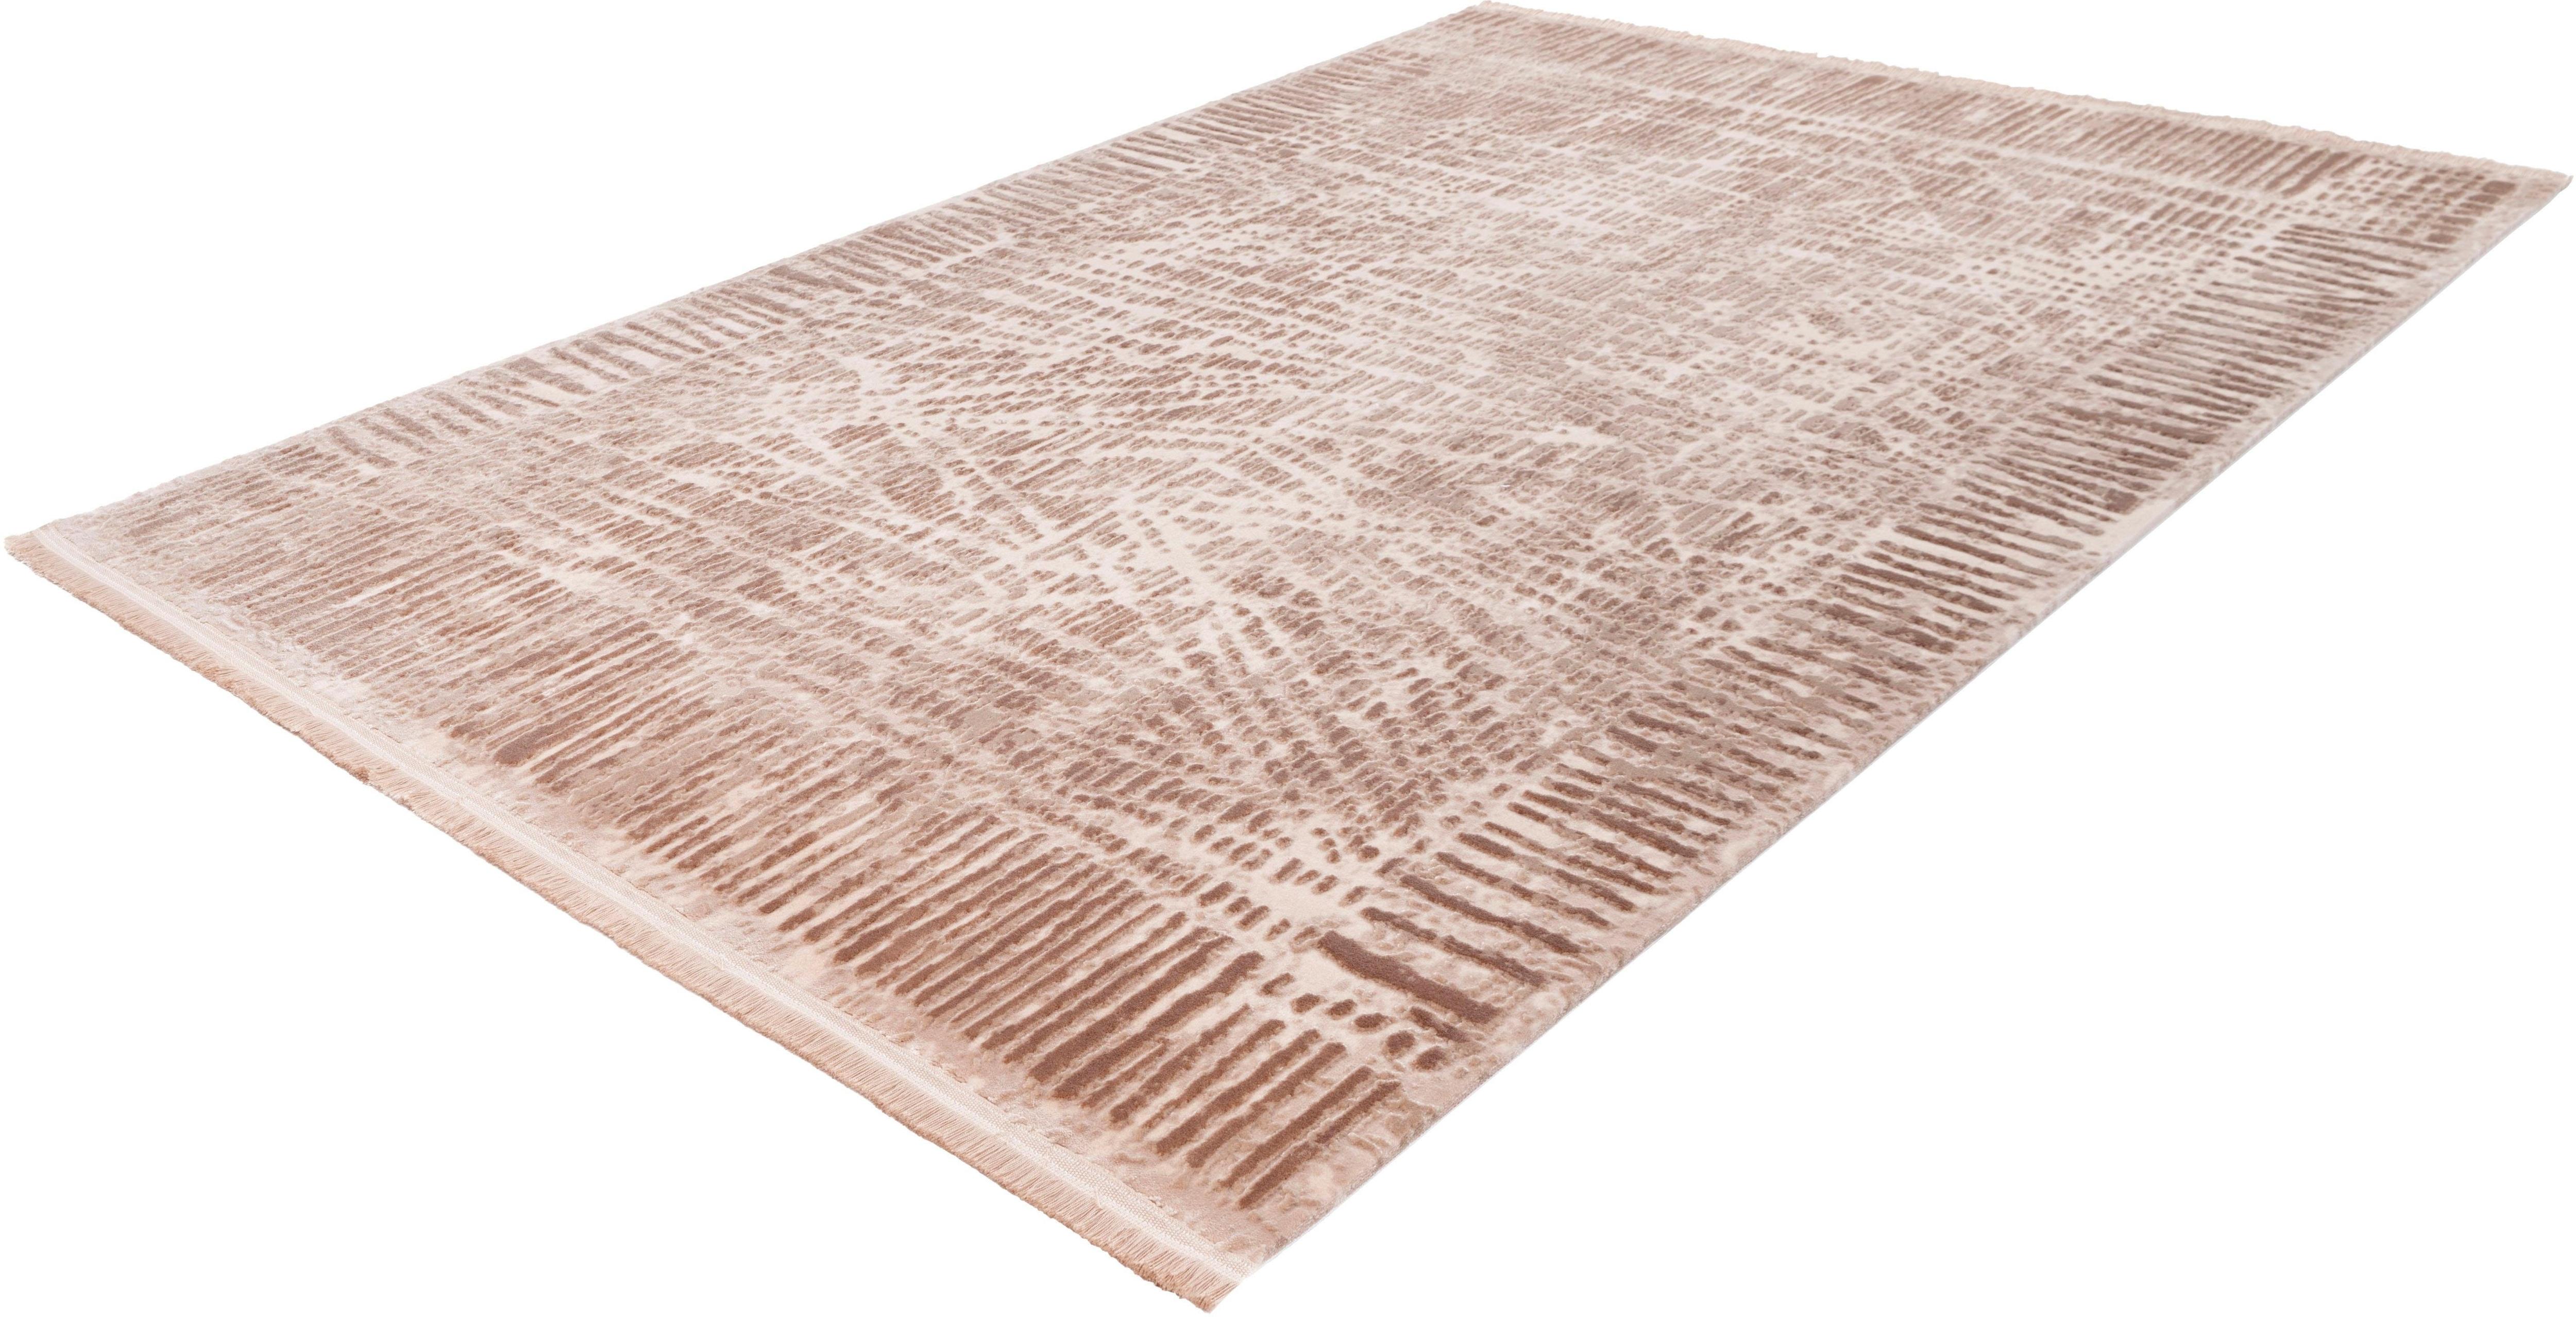 Teppich Arlos 803 calo-deluxe rechteckig Höhe 12 mm maschinell gewebt